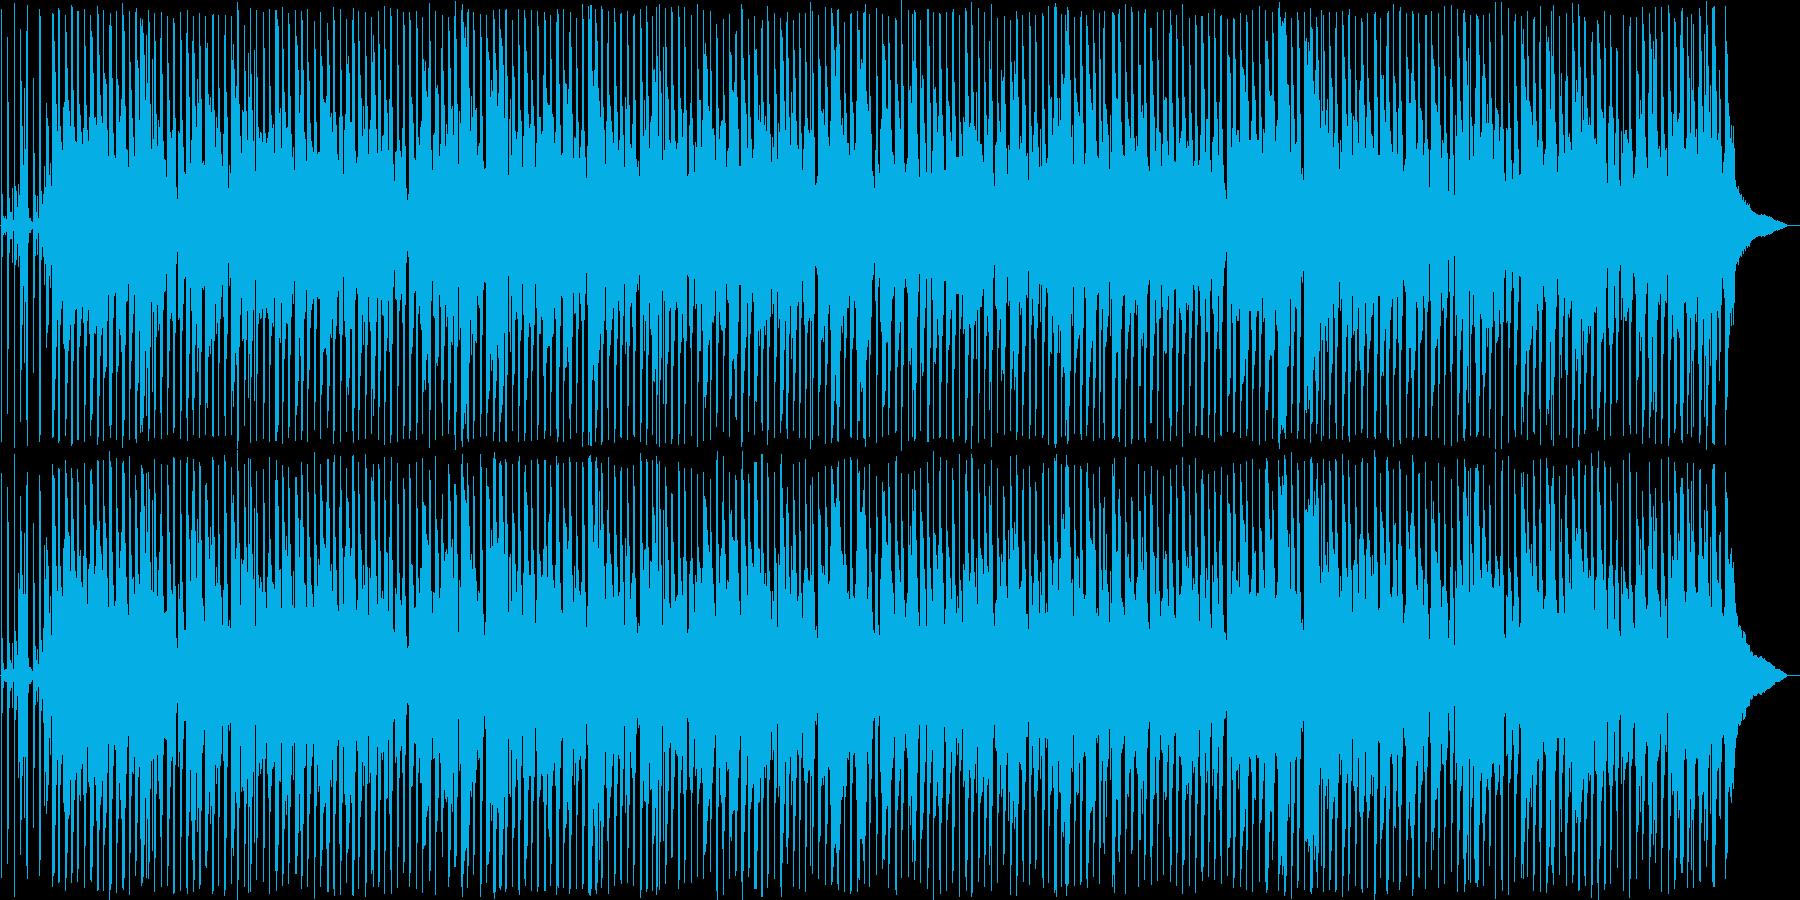 のんびりした雰囲気のウクレレ曲の再生済みの波形